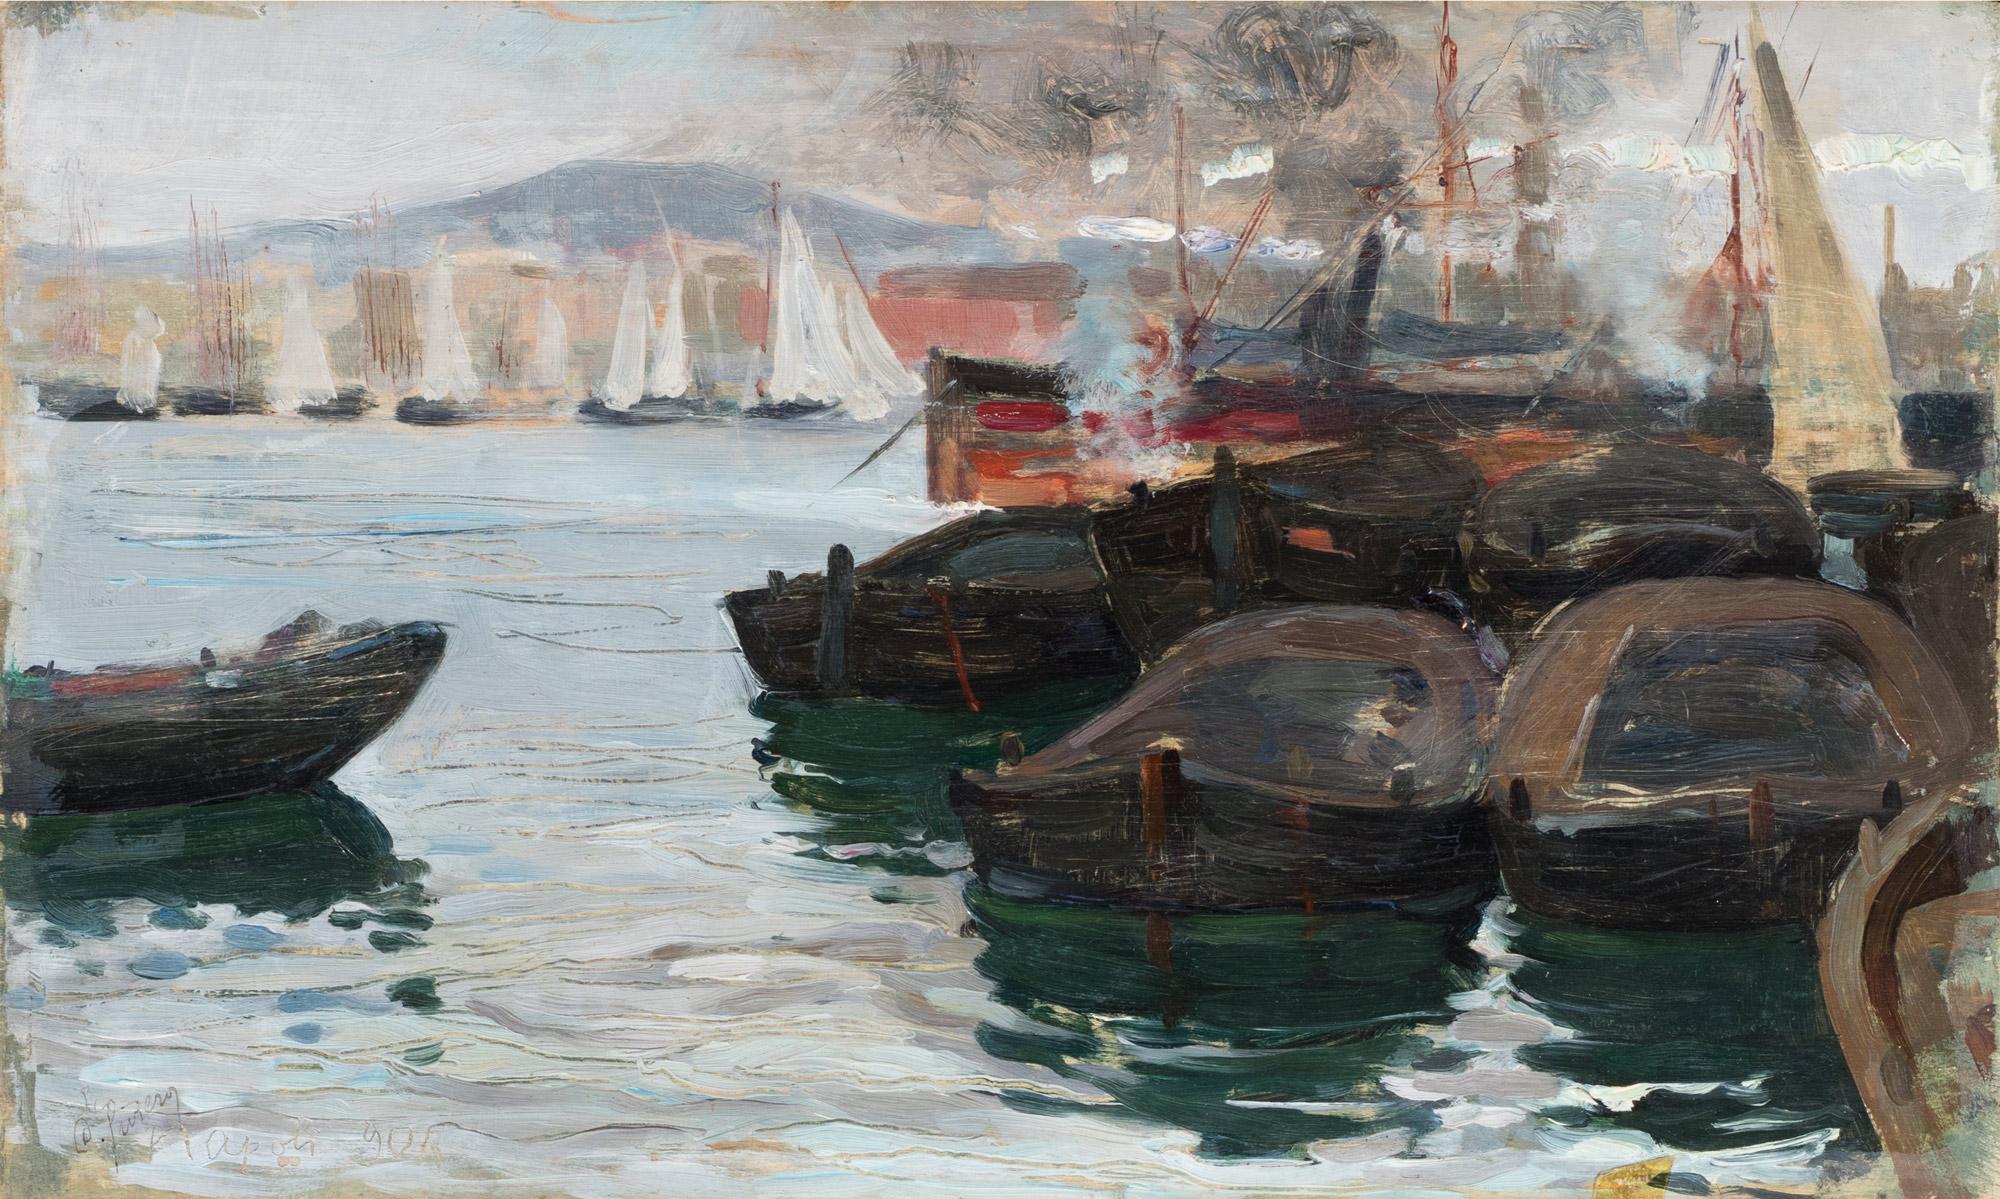 Napoli, barche in porto, 1904